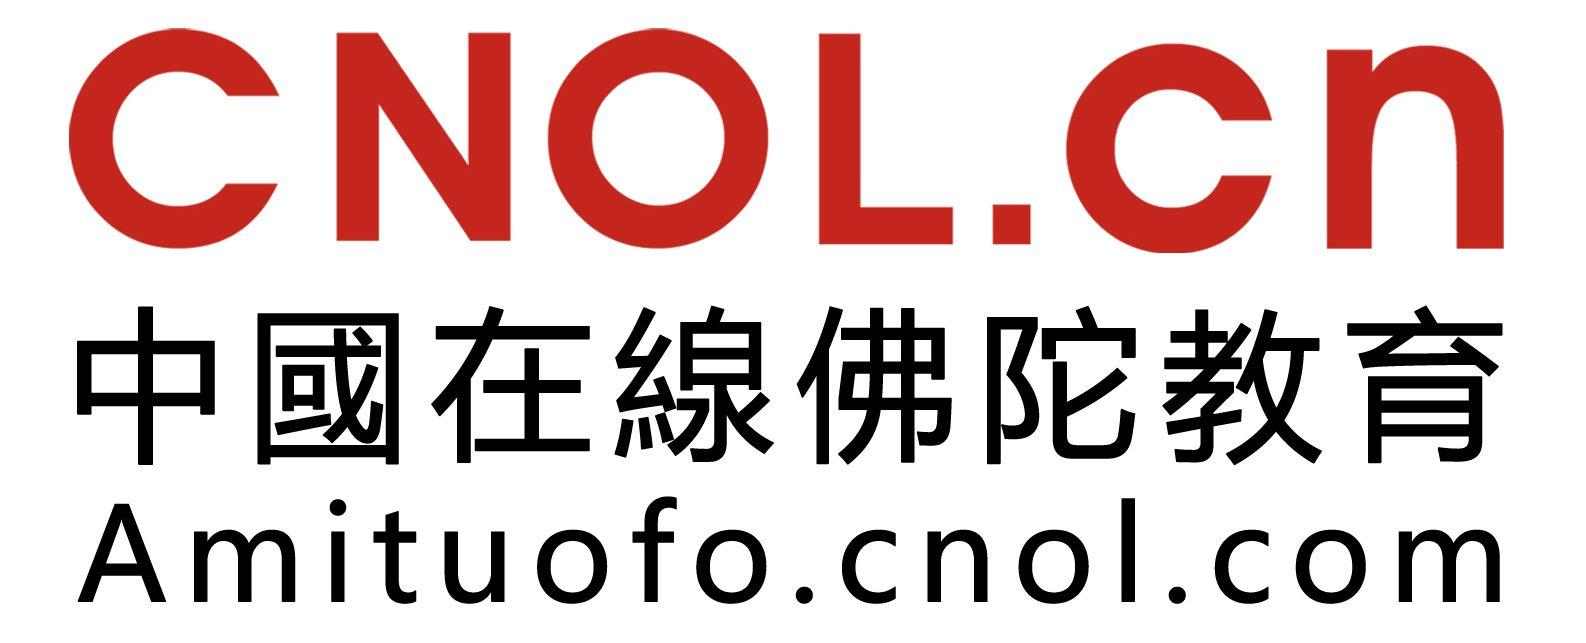 CNOL中國在線佛陀教育